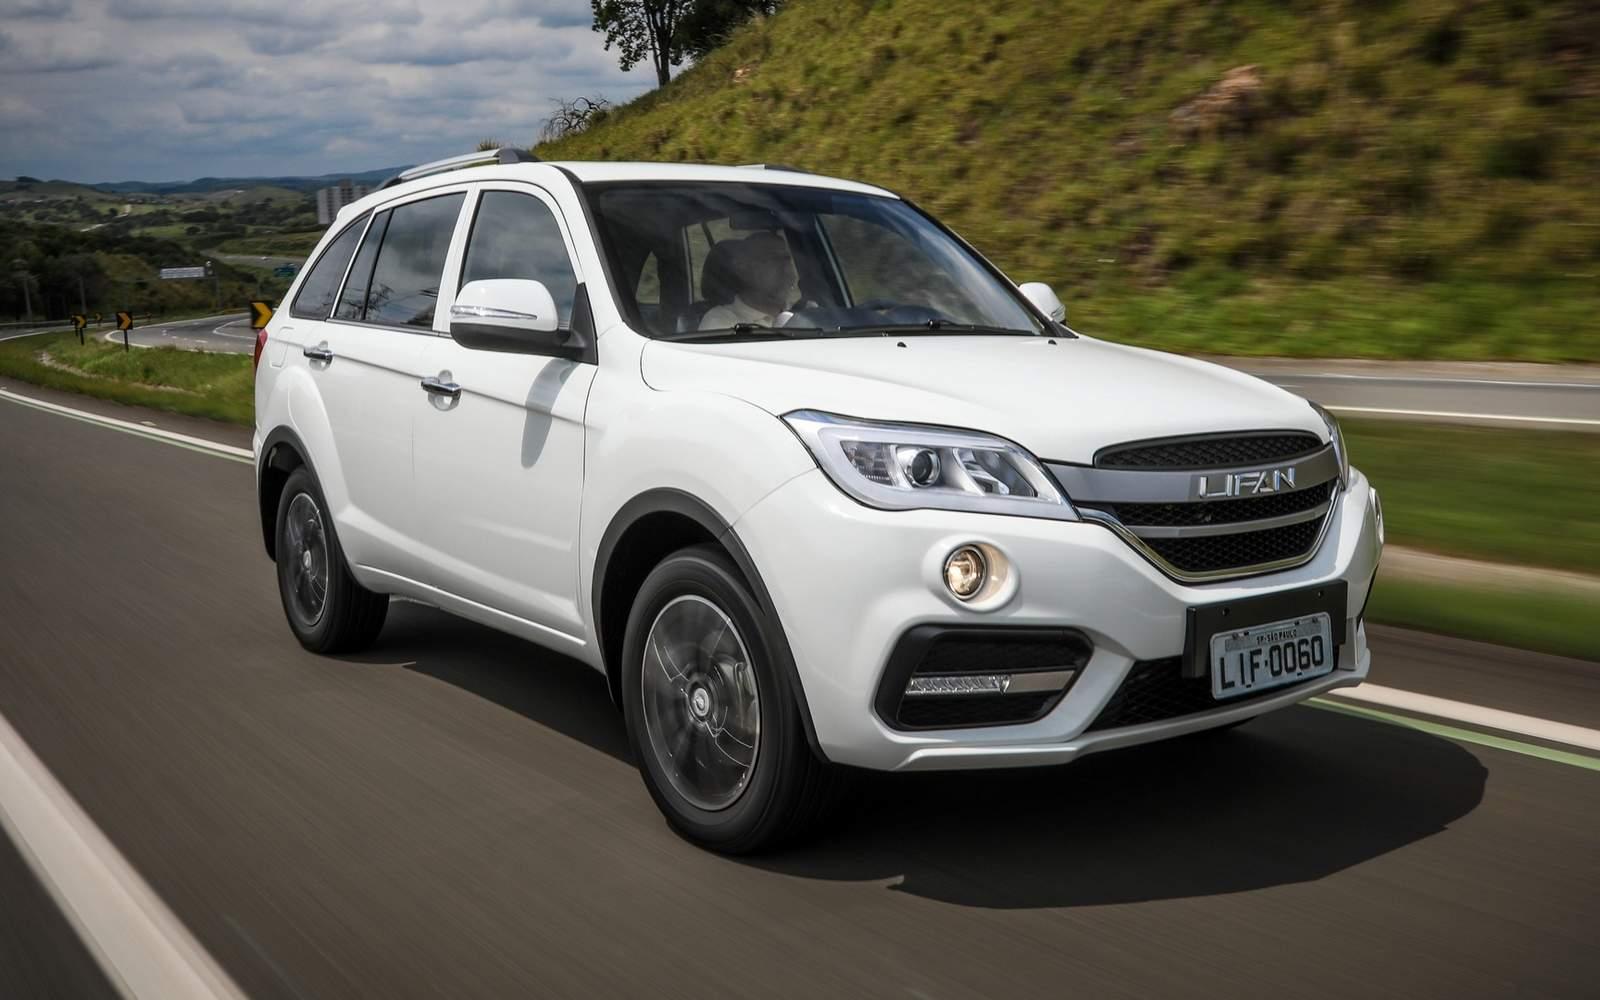 Компания Лифан поставила фирмам такси приблизительно две тысячи машин